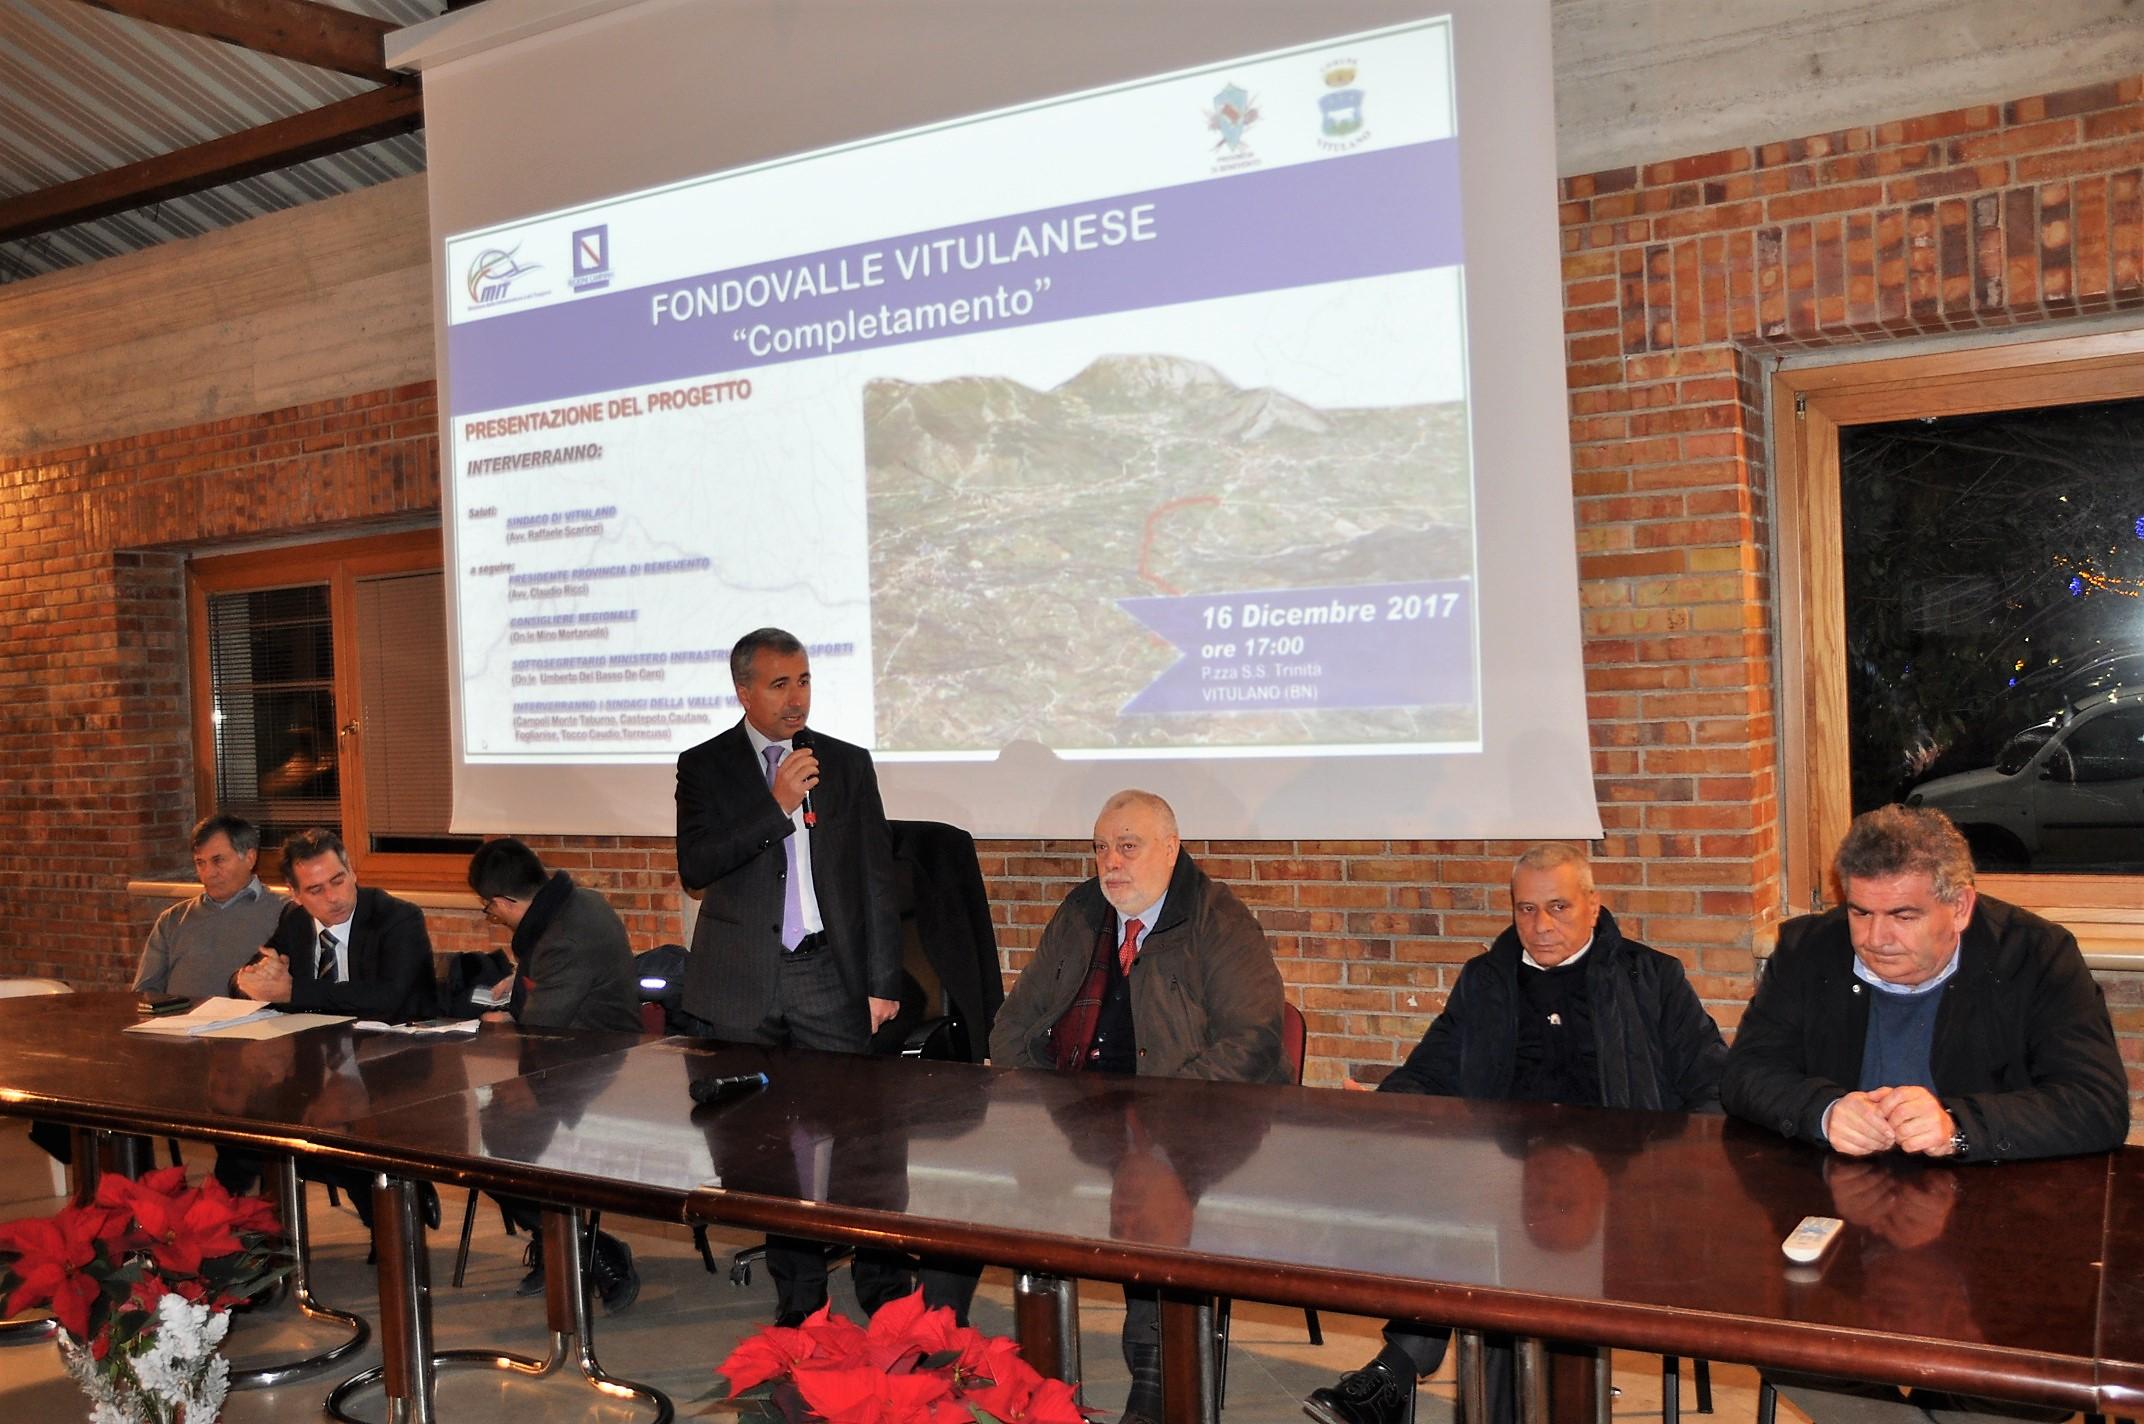 Completamento Fondo Valle Vitulanese, finanziamento di 46mln di euro